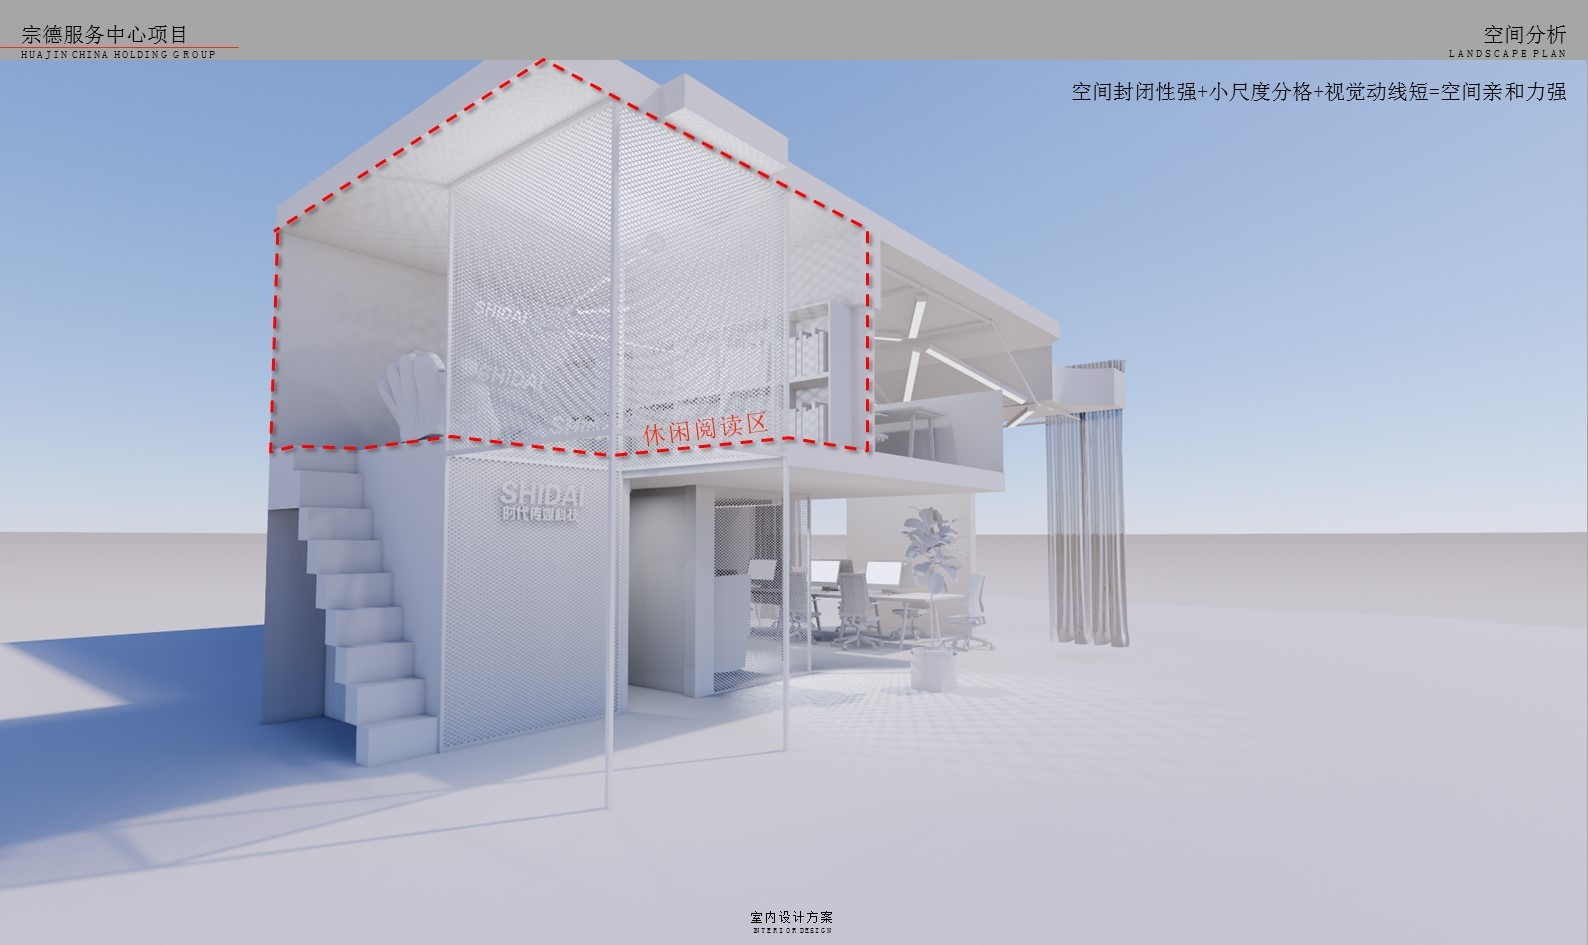 售樓部樣板間 軟裝改造插图(15)